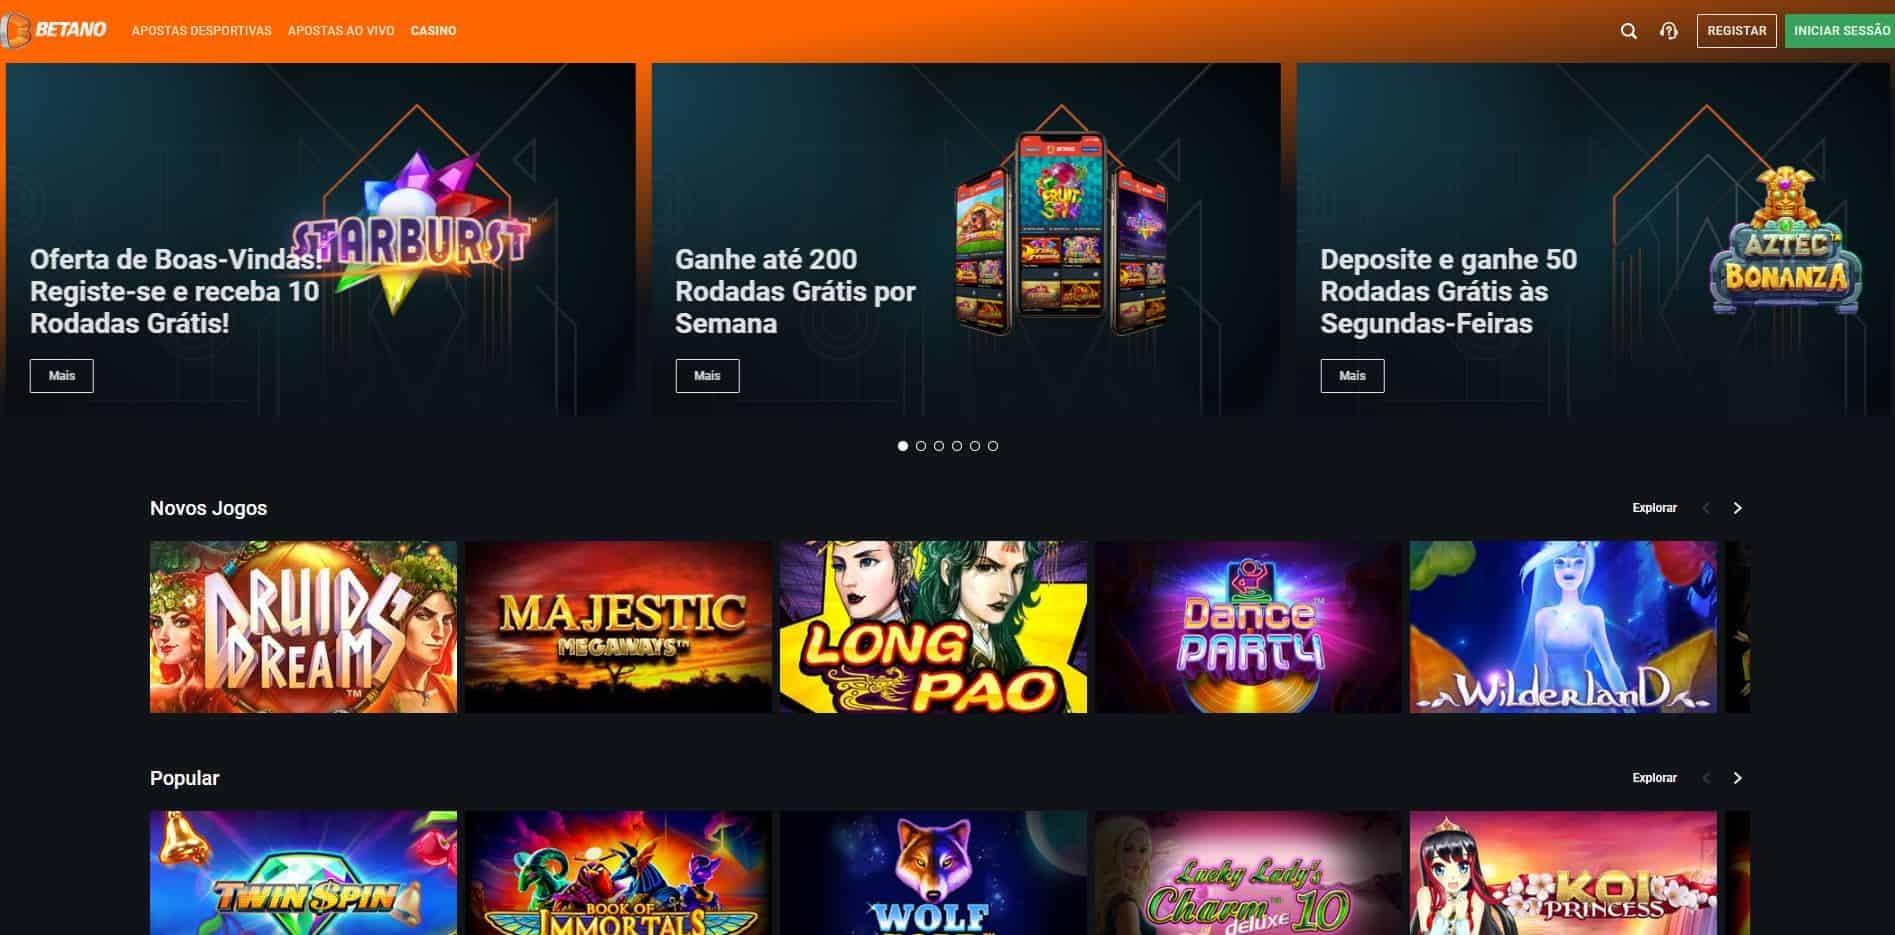 Melhores Jogos de Slot Machines Online em Betano